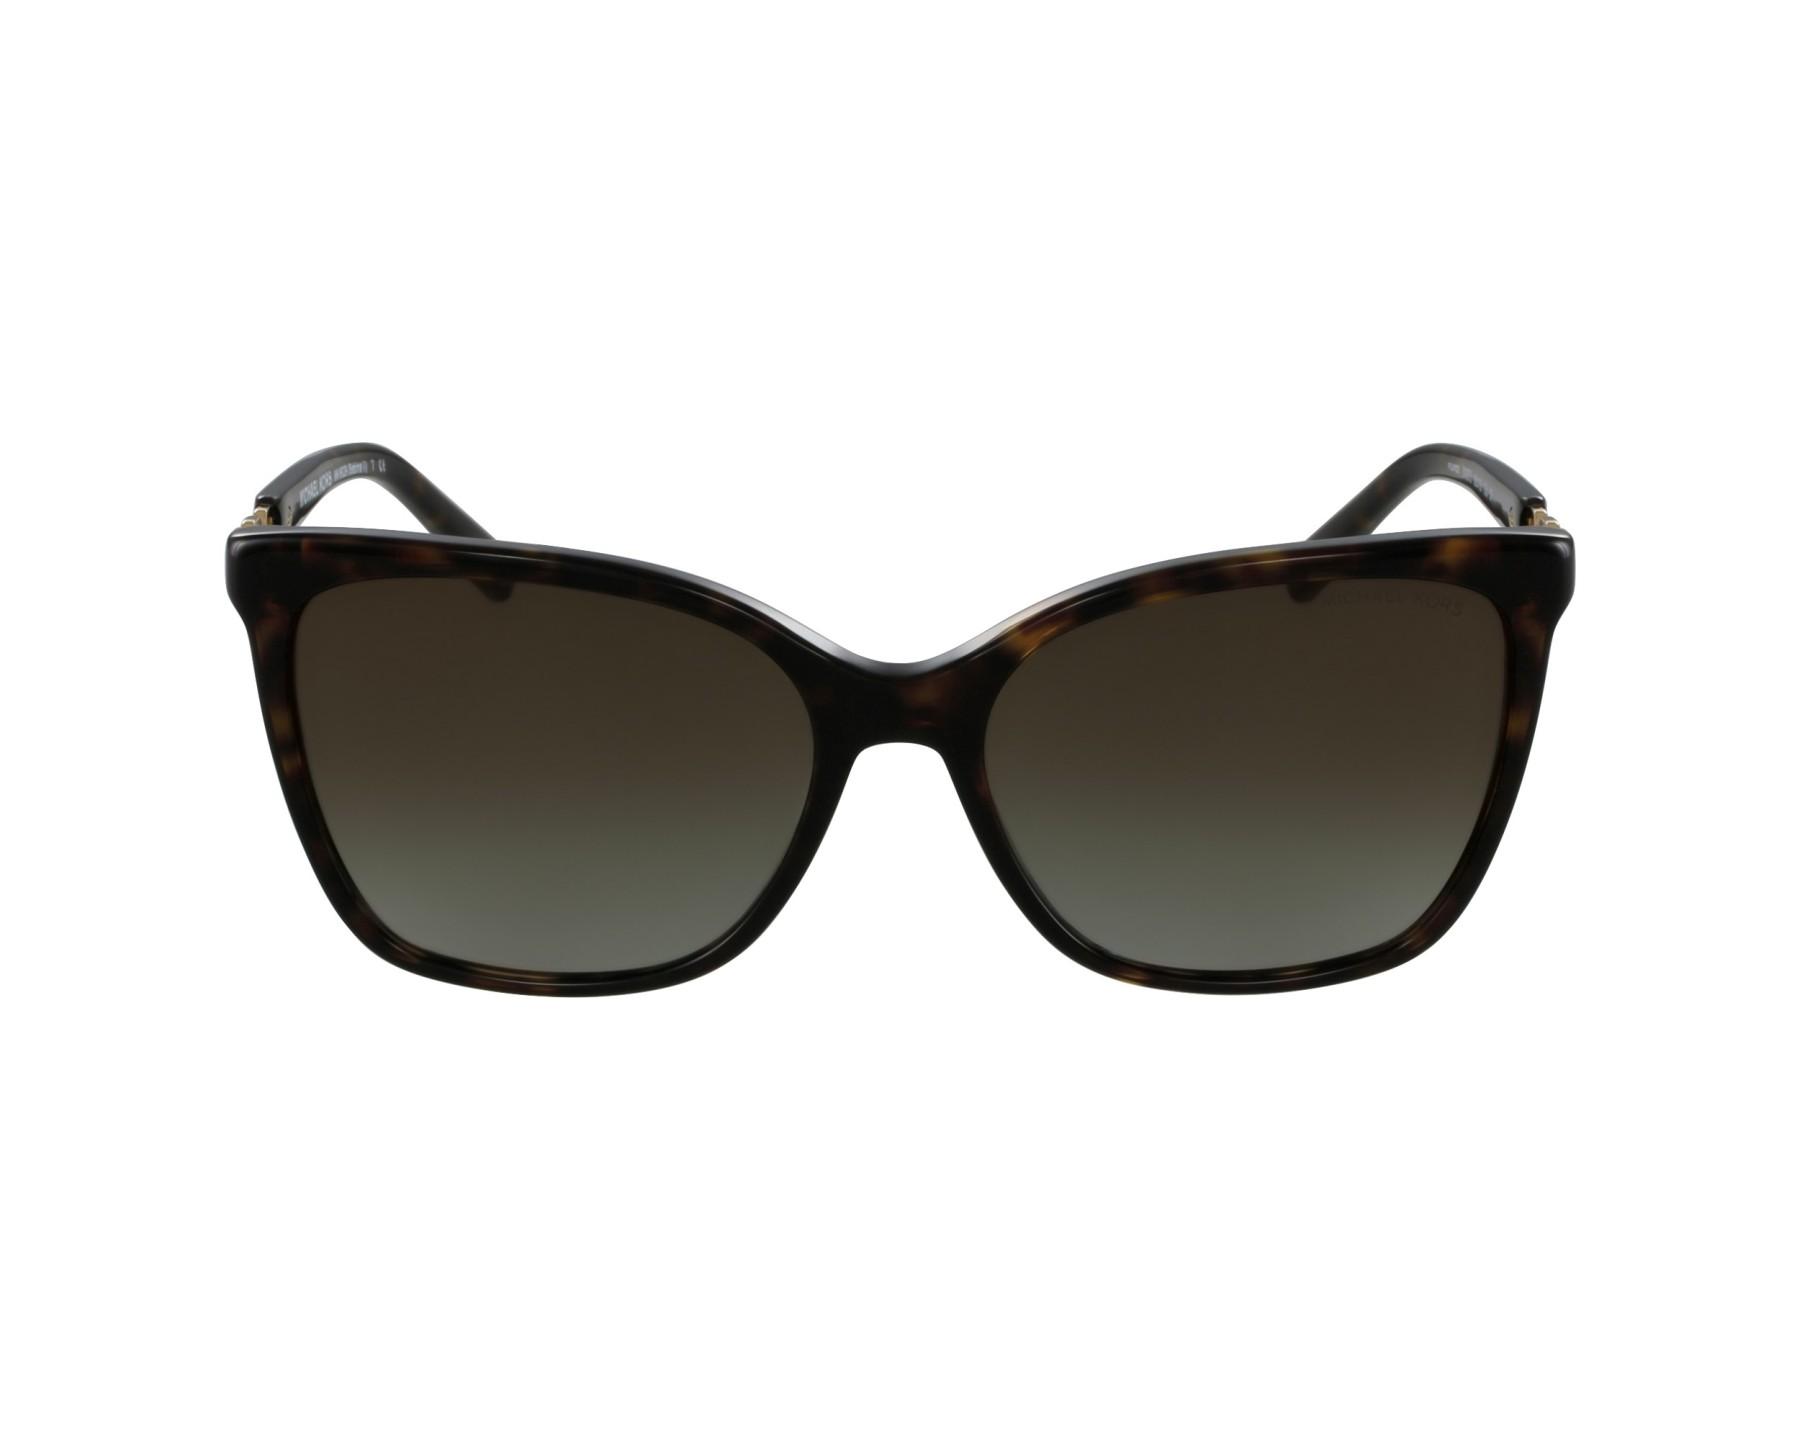 lunettes de soleil michael kors mk 6029 3106t5 havane avec des verres marron. Black Bedroom Furniture Sets. Home Design Ideas